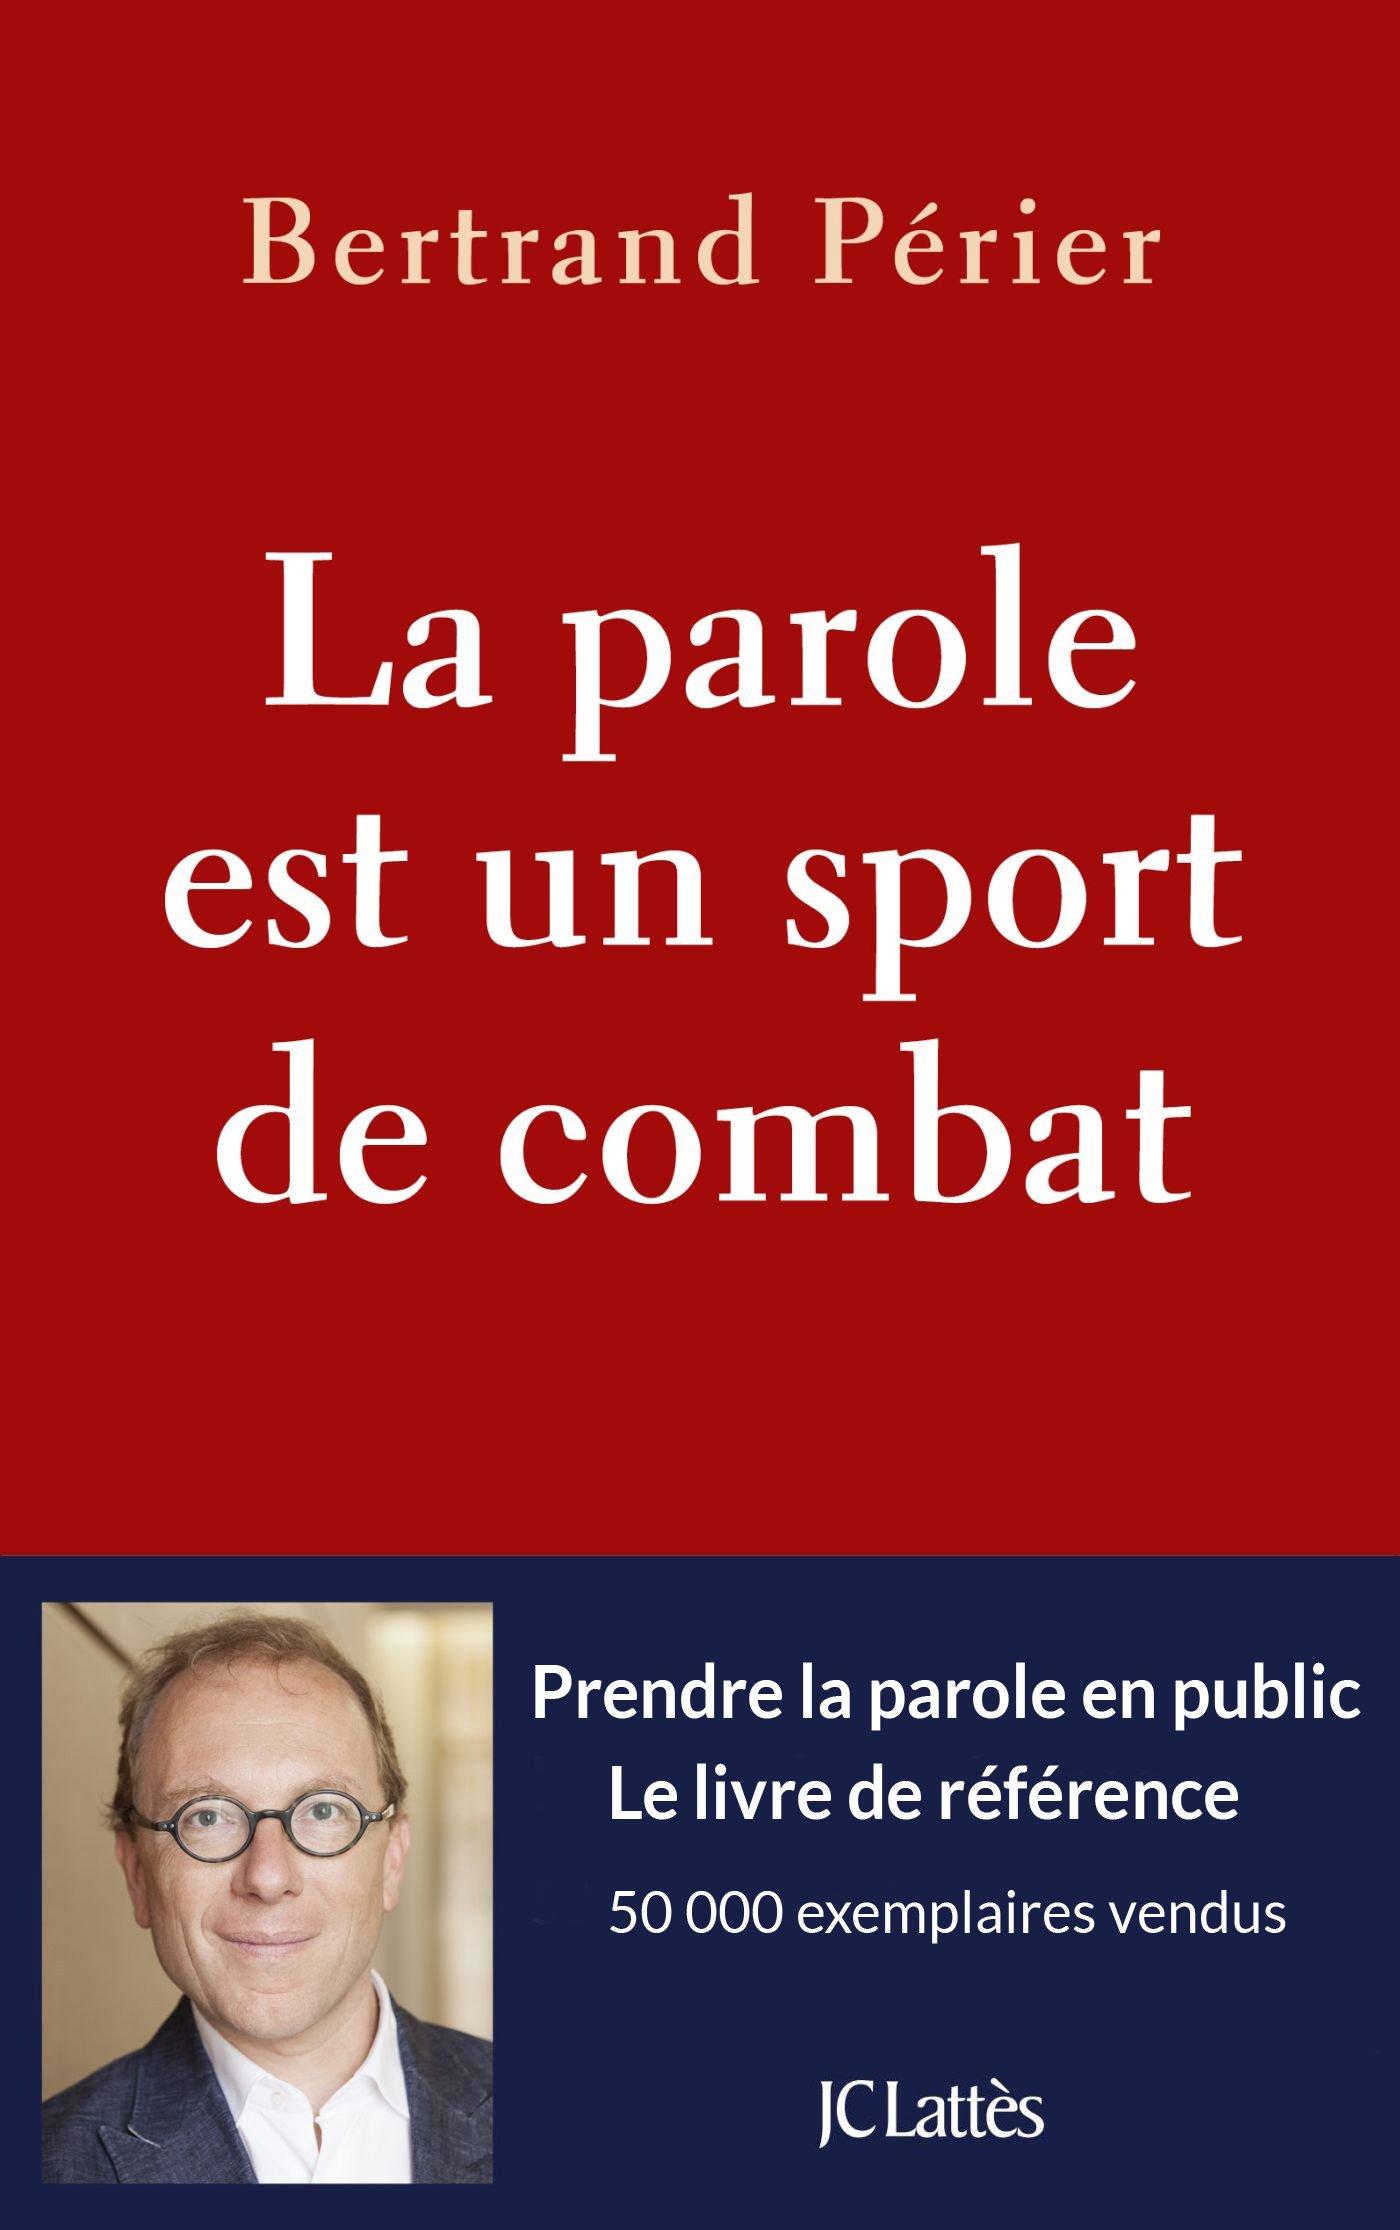 La parole est un sport de combat Broché – 11 octobre 2017 Bertand Périer JC Lattès 2709660695 Actualités